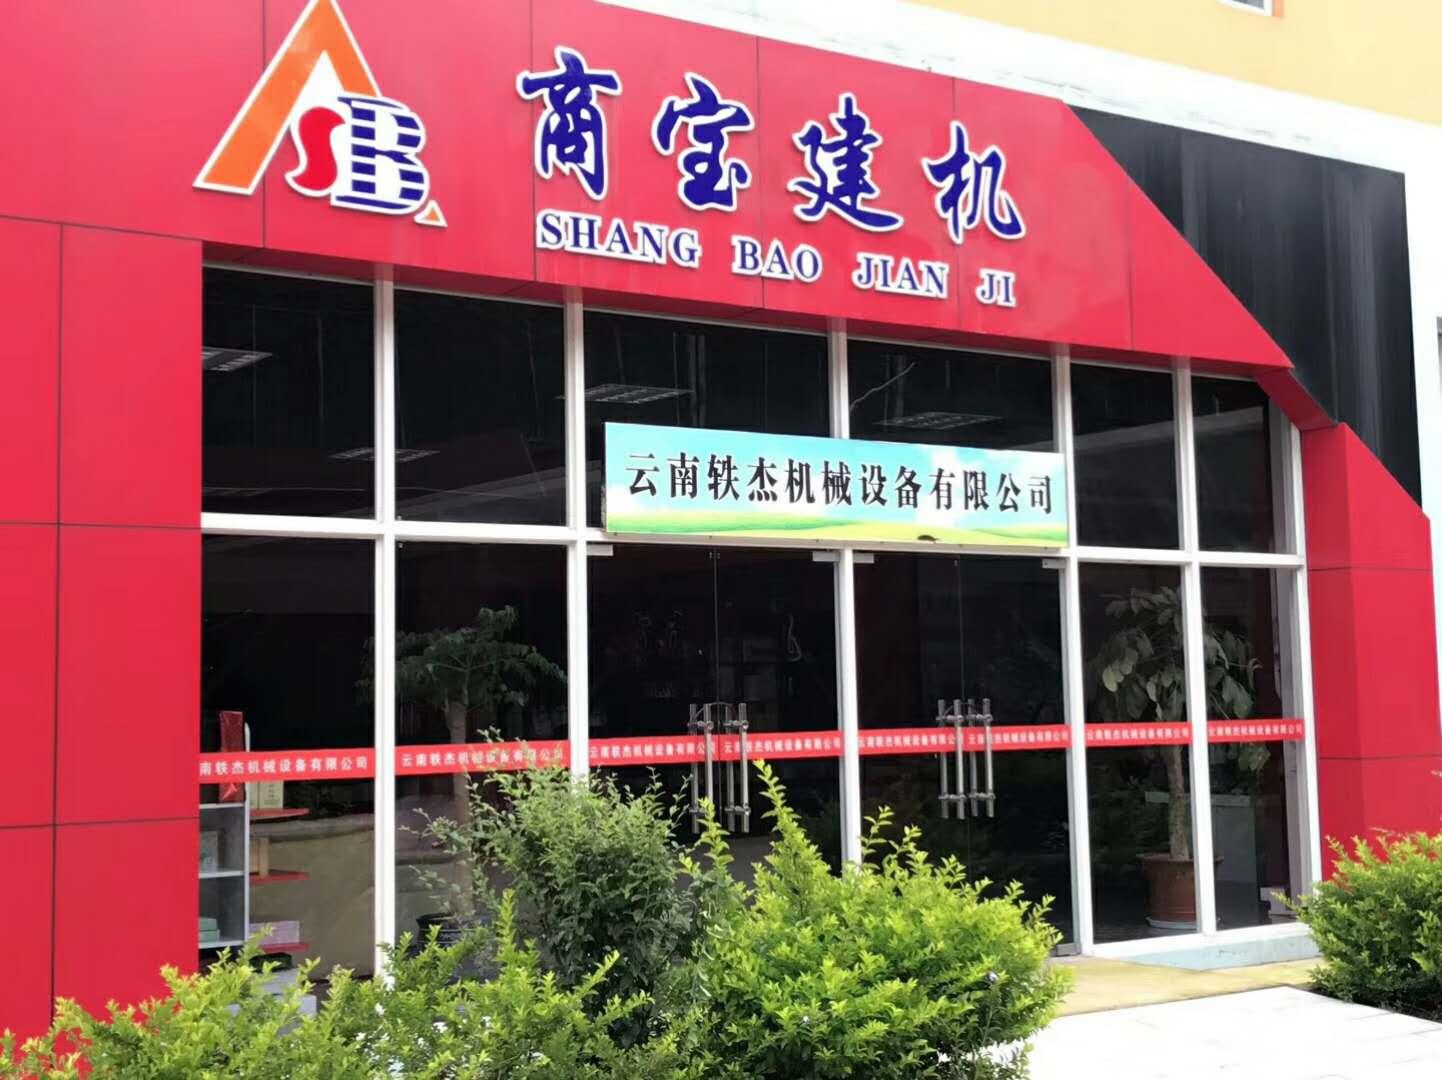 恭喜云南軼杰機械與熱搜科技合作兩套網站推廣